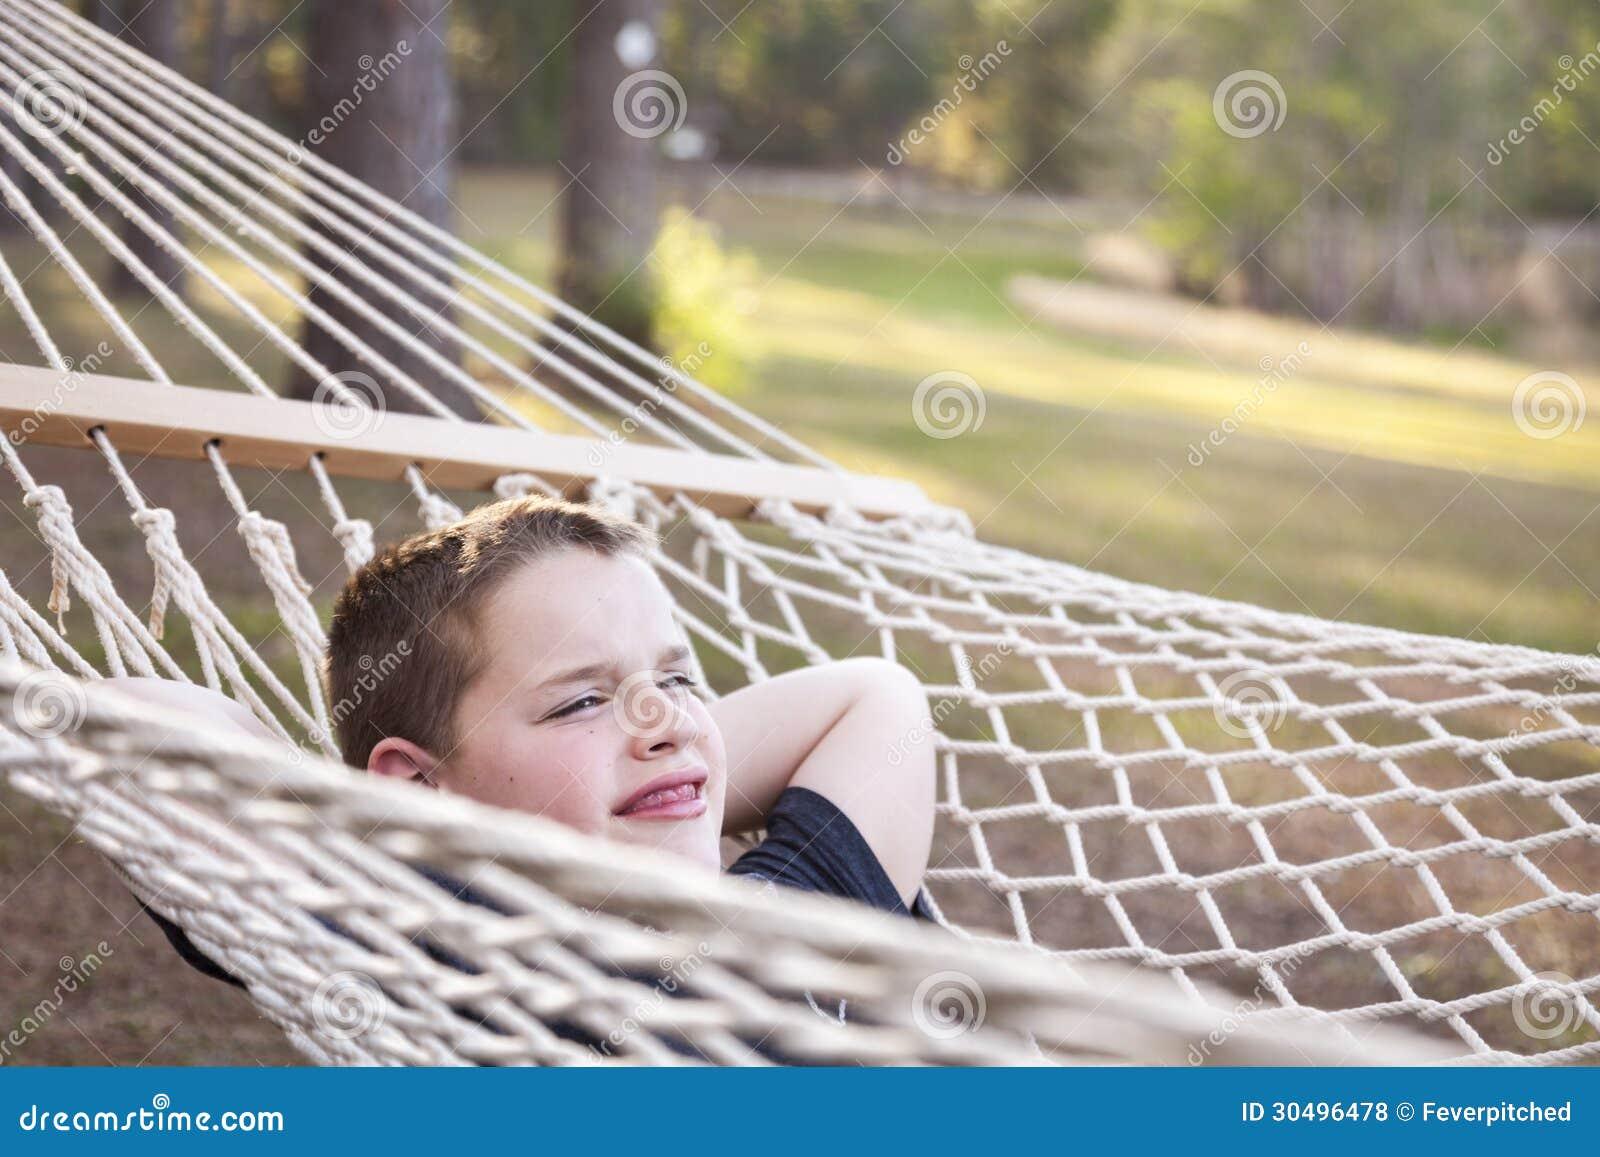 Young Boy Enjoying A Day in His Hammock